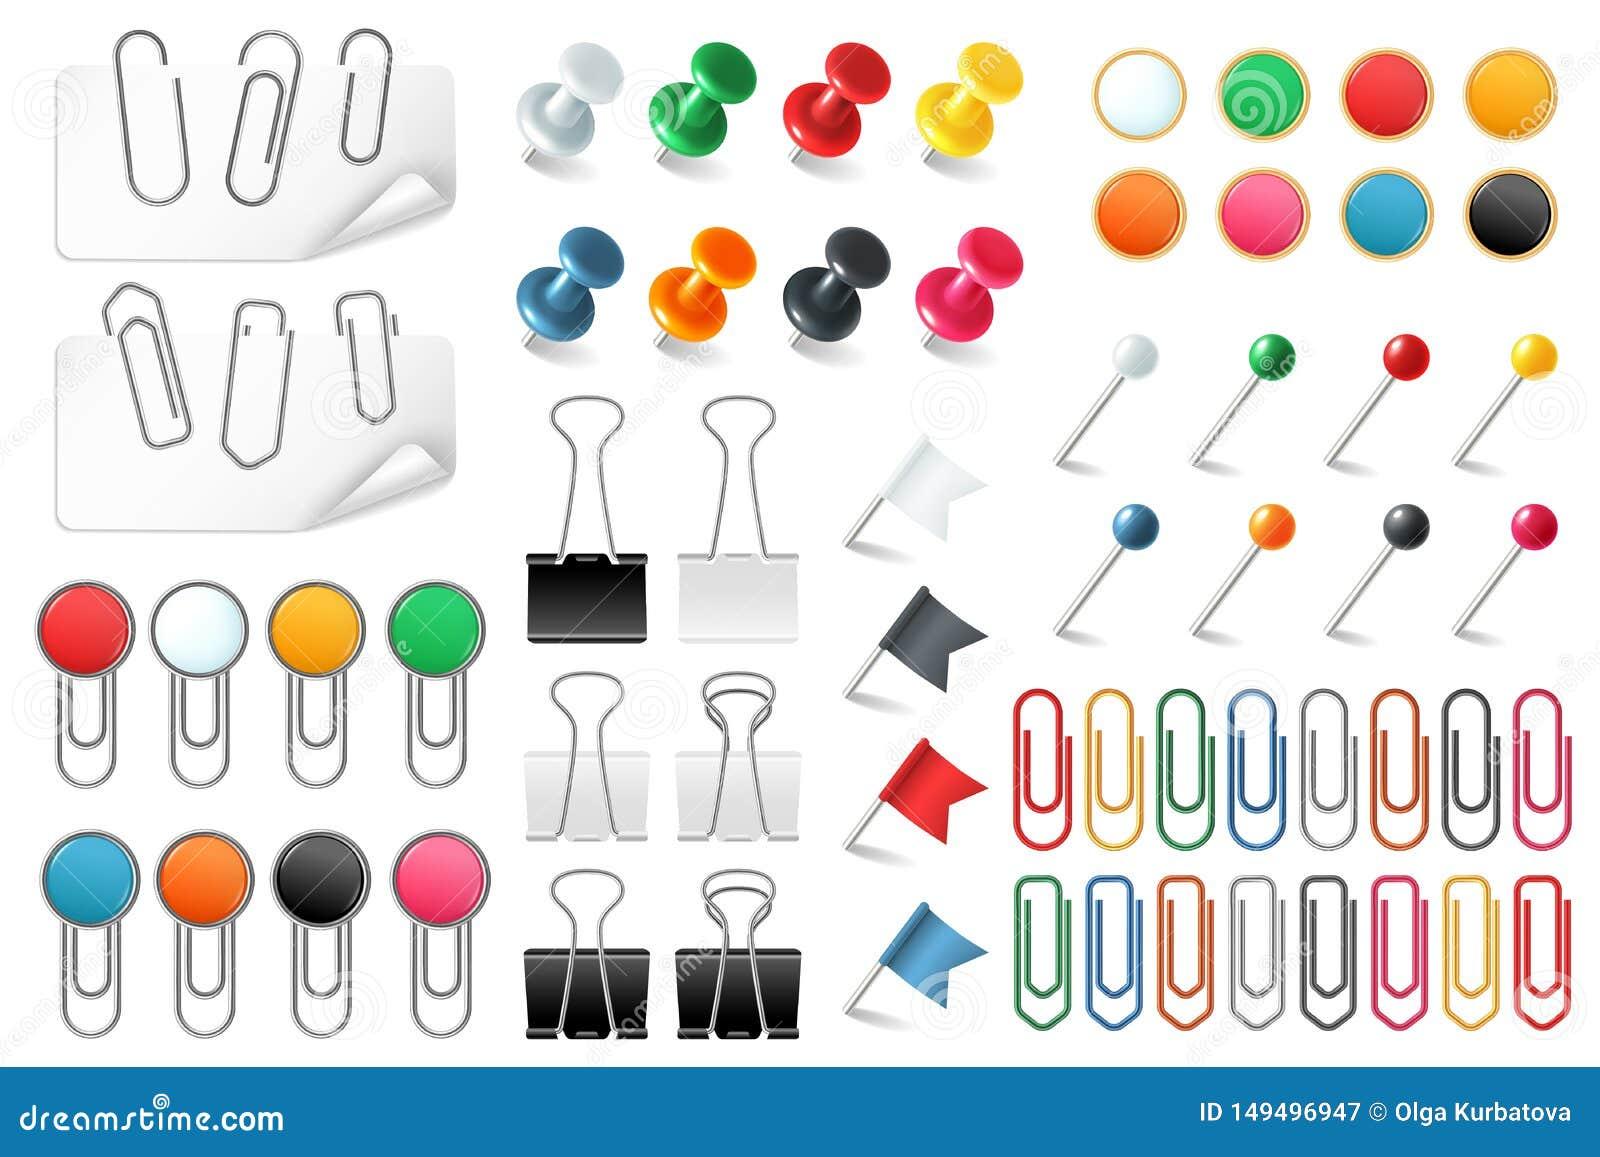 Przyczepia papierowe klamerki Pchnięcie szpilek sków halsu staplowa szpilka barwił papierowej klamerki biuro organizującego zawia